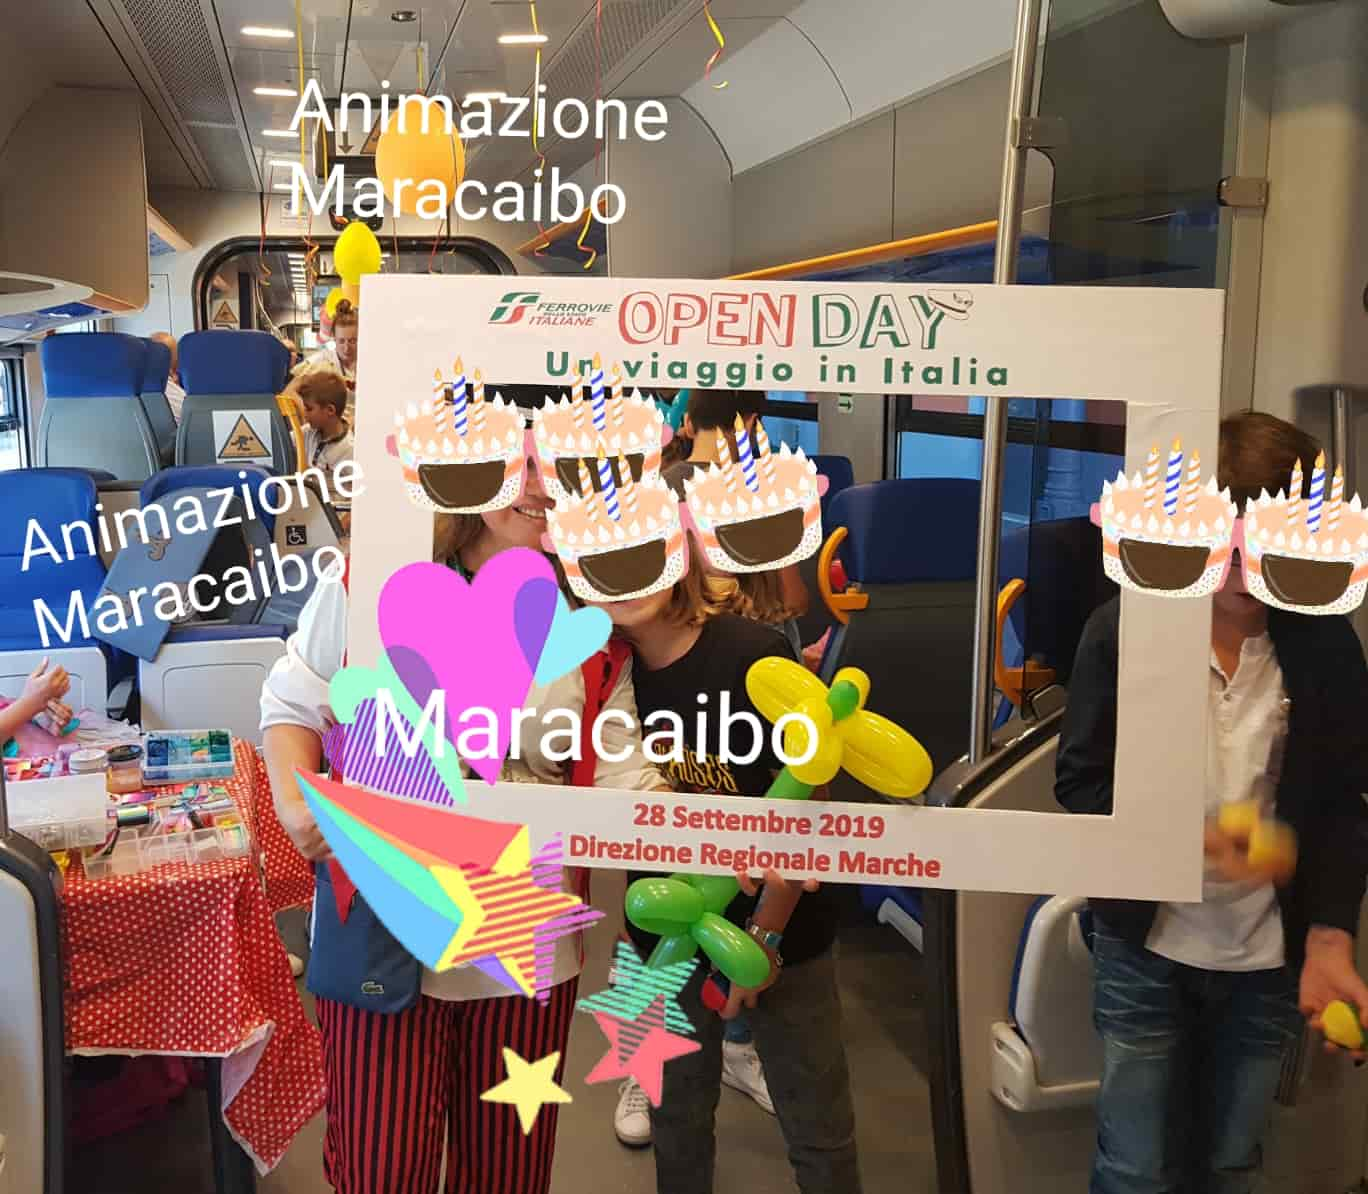 Animazione per bambini Maracaibo - Le referenze